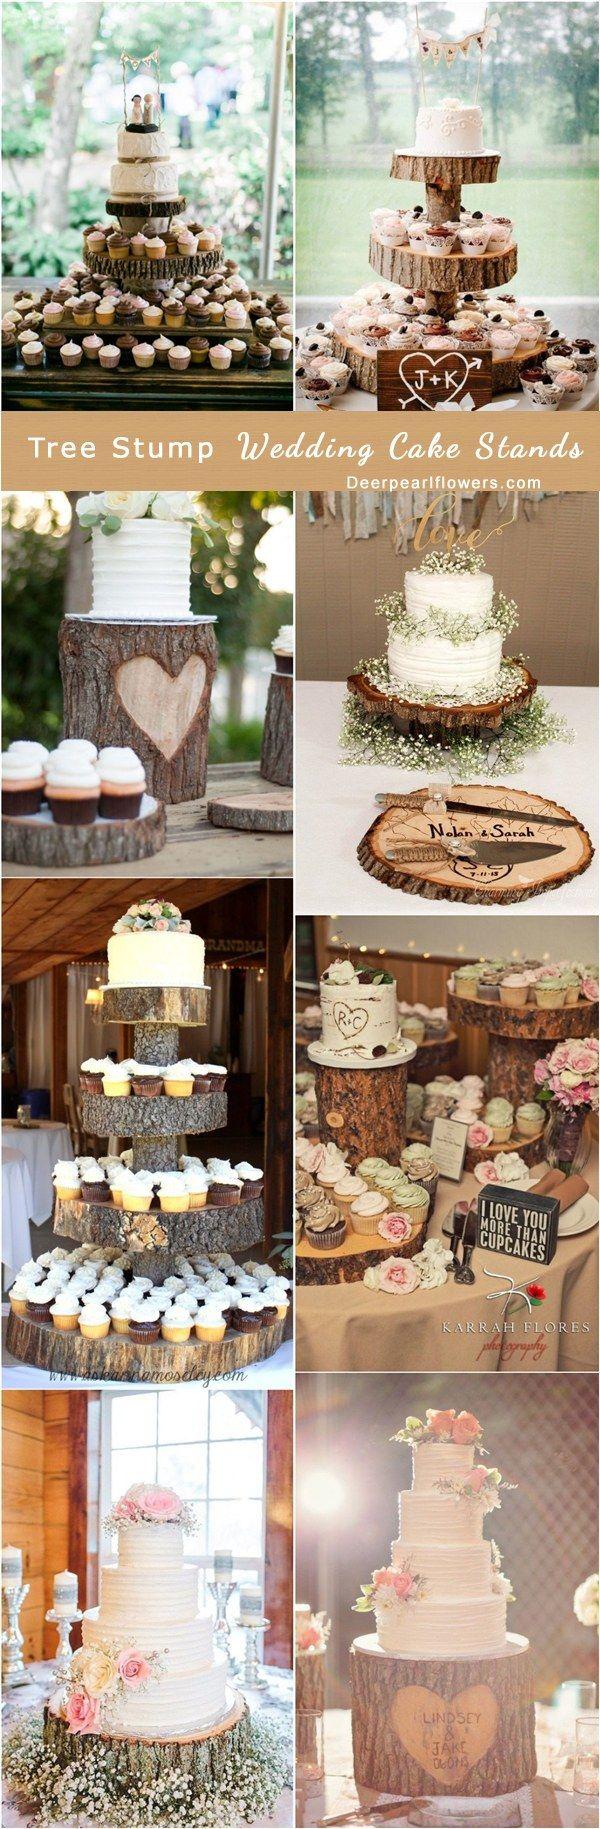 Rustic Tree Stump Wedding Cake Stand / http://www.deerpearlflowers.com/rustic-woodsy-wedding-trend-tree-stump/ #rustic #rusticwedding #countrywedding #weddingideas